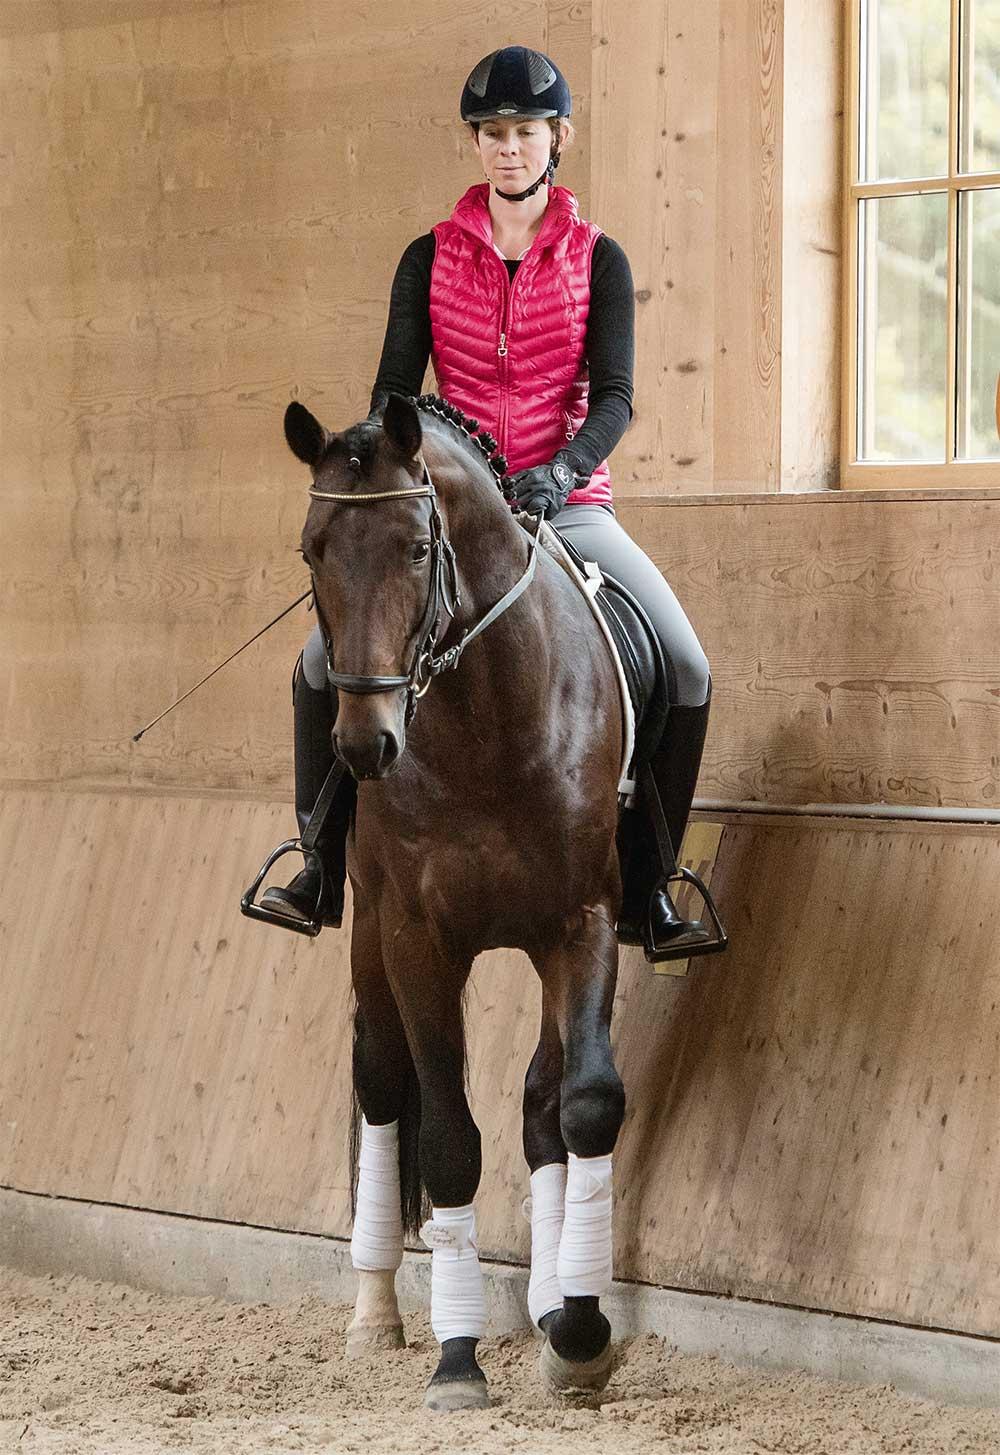 Schenkelweichen, Pferdeausbildung, Anja Beran